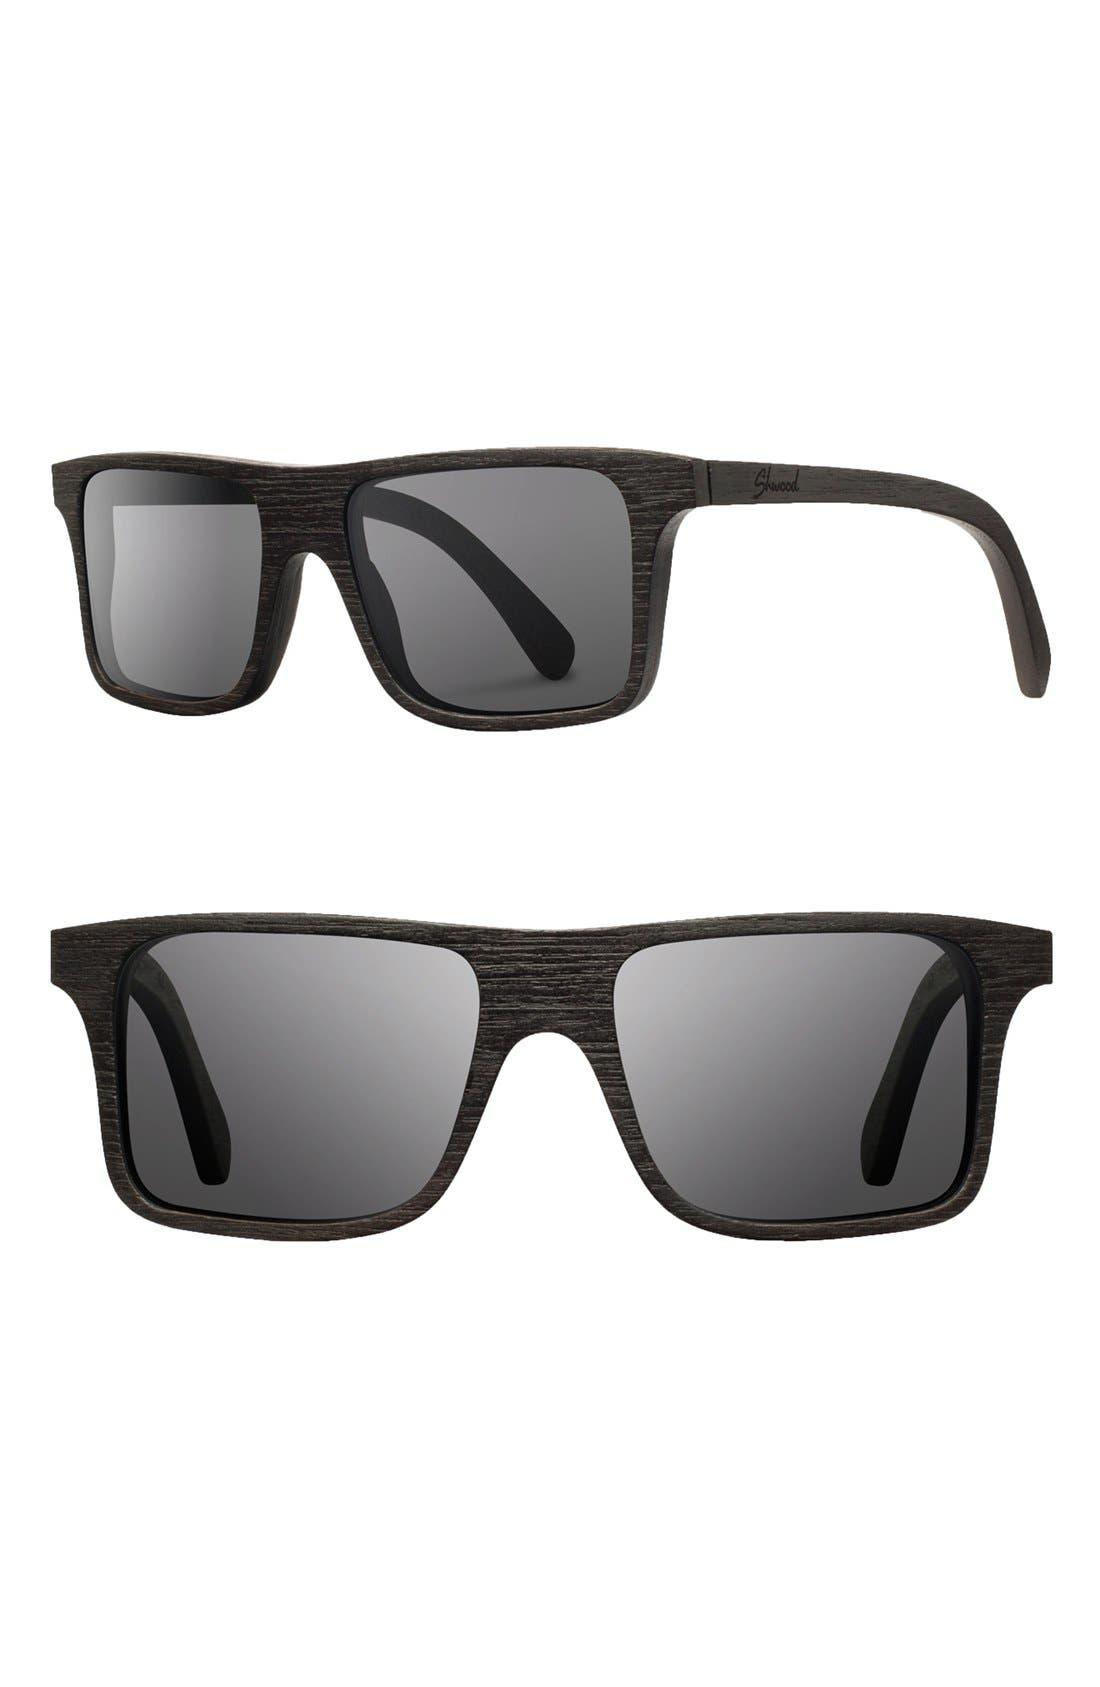 Main Image - Shwood 'Govy' 53mm Polarized Sunglasses